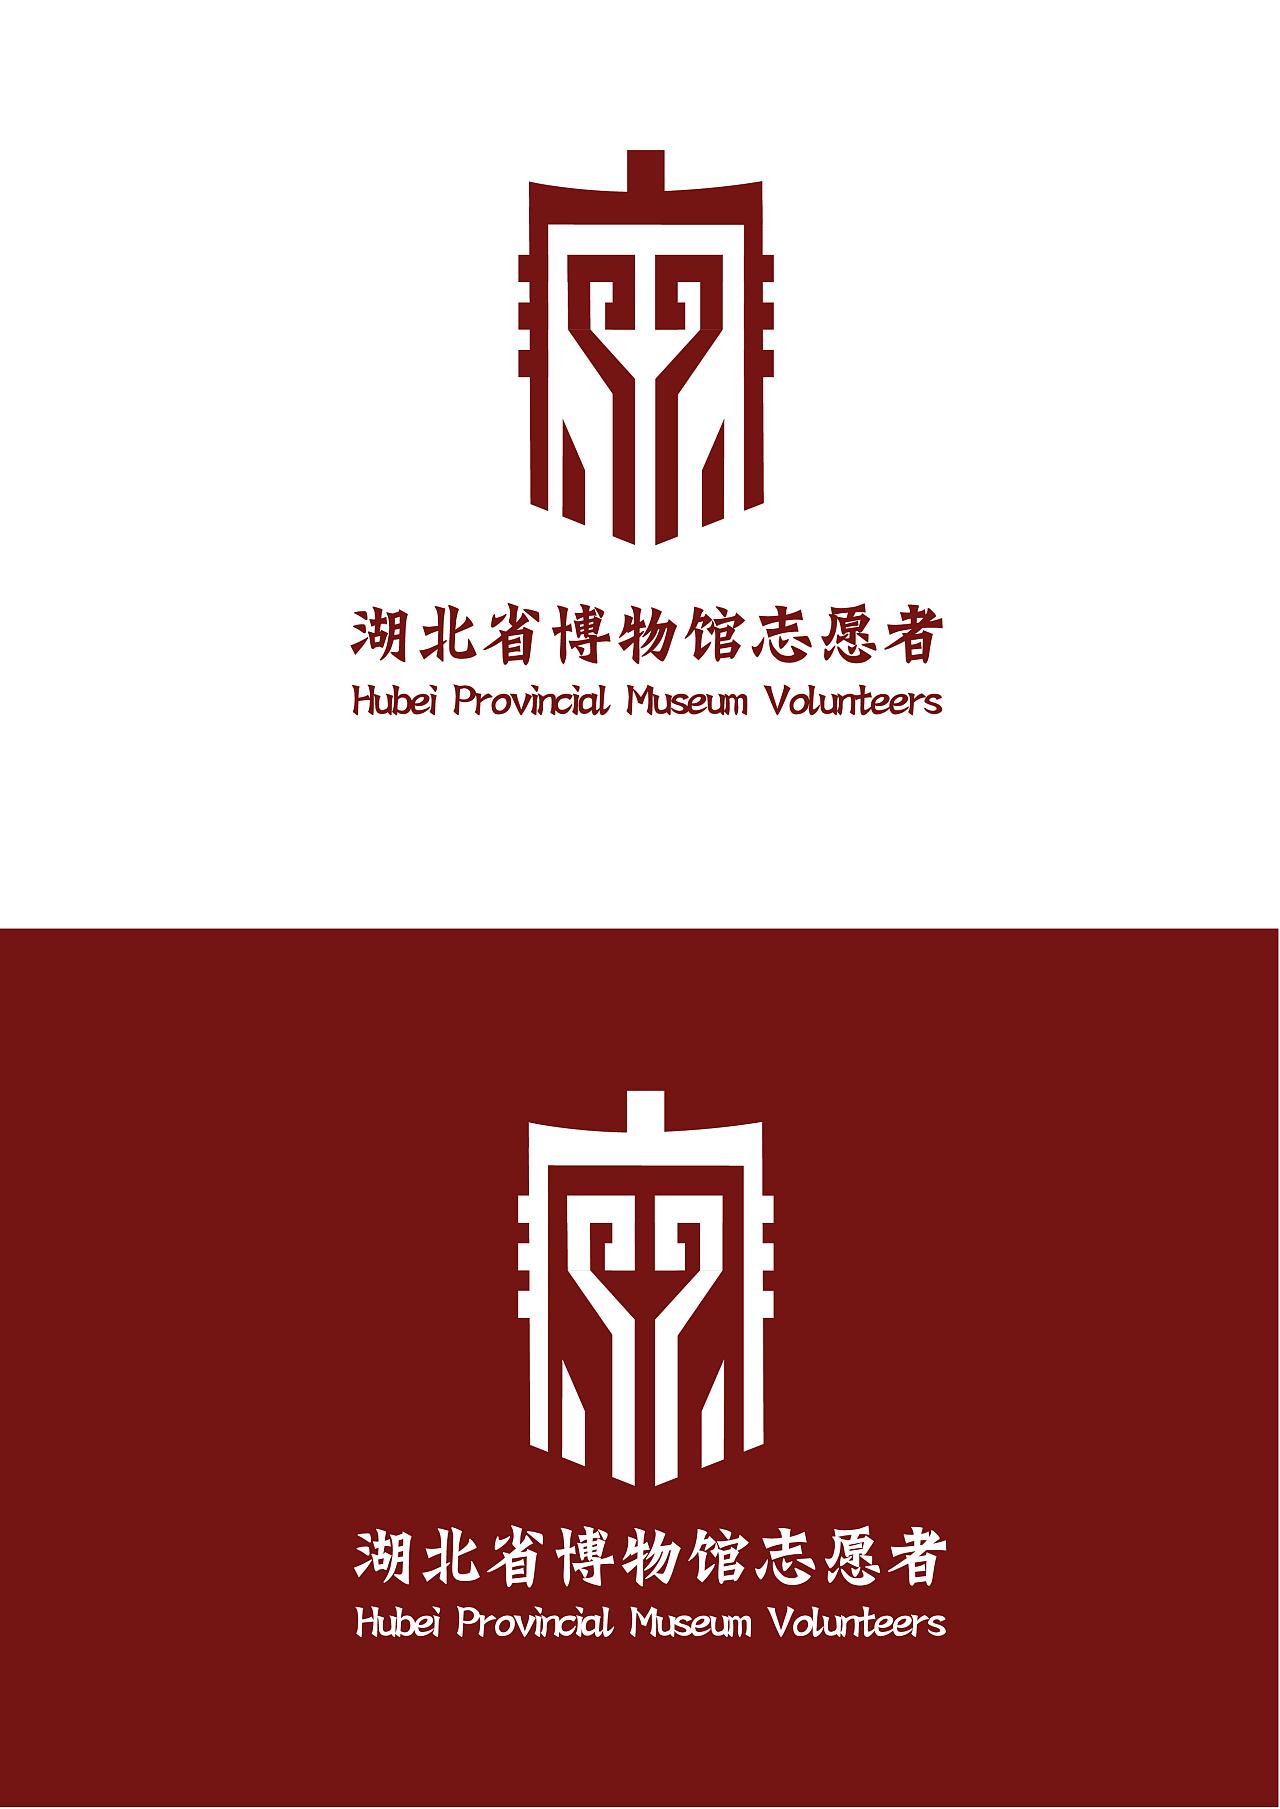 湖北省博物馆志愿者logo